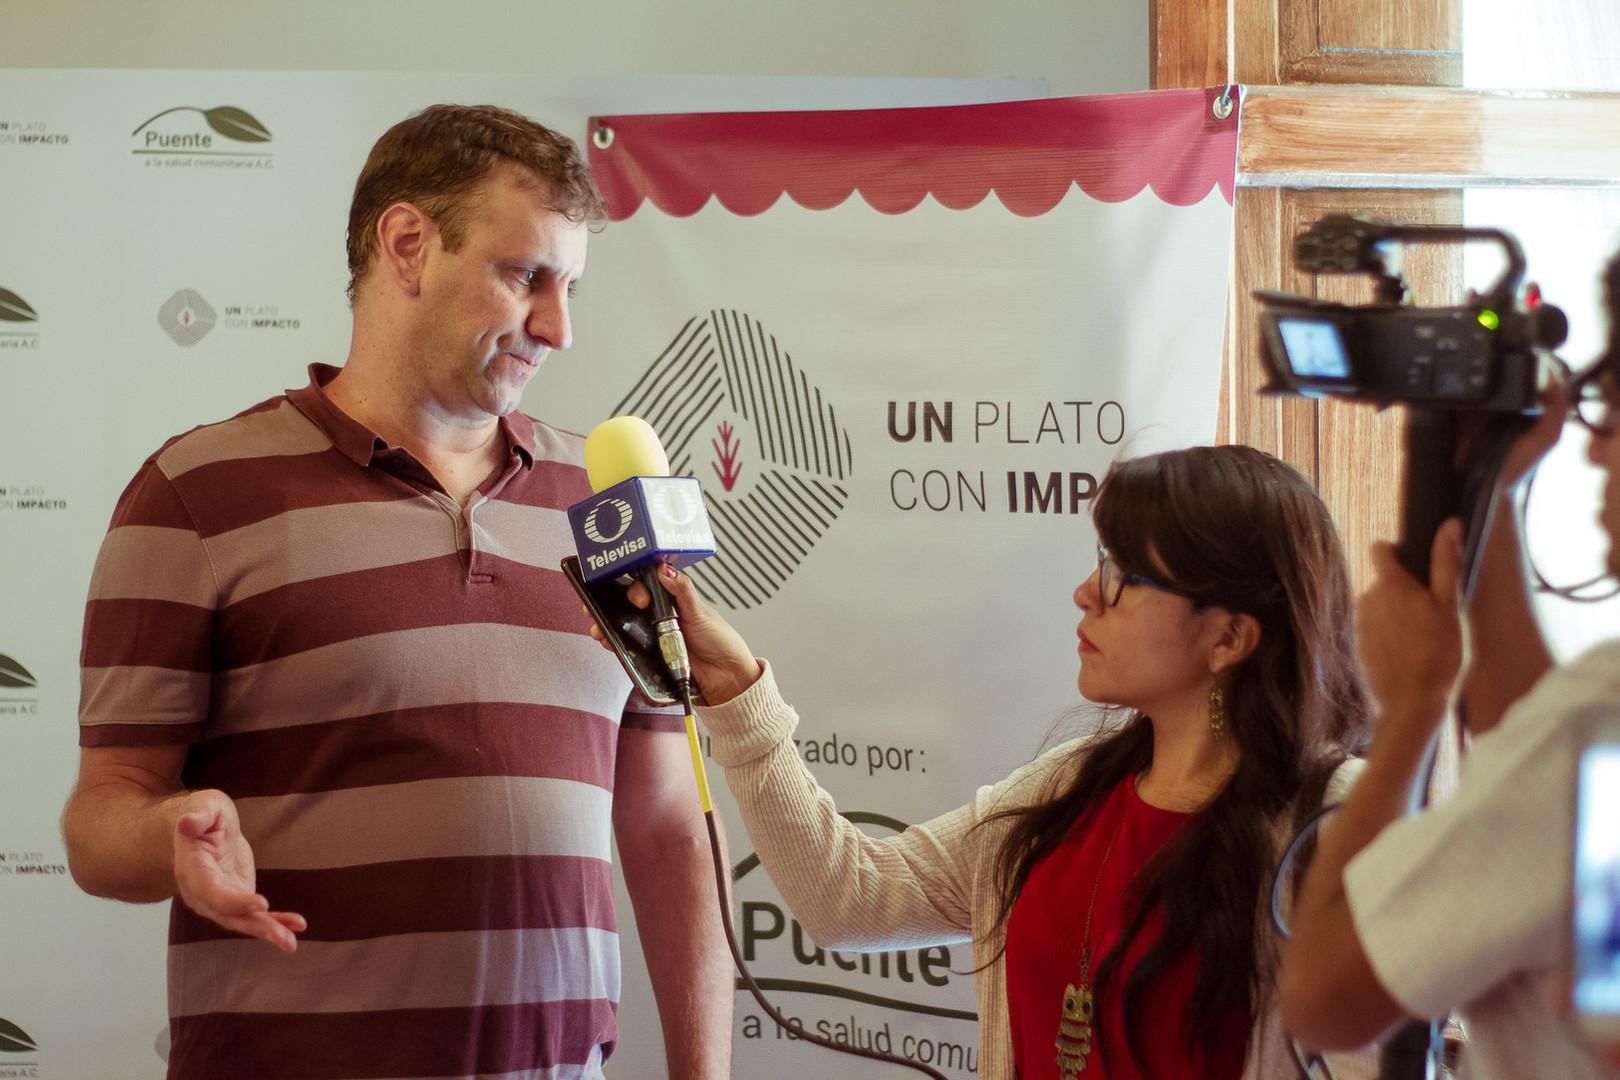 Pete Noll, Director Ejecutivo de Puente en entrevista con Televisa dando los detalles de nuestra campaña Un Plato con Impacto 2019.